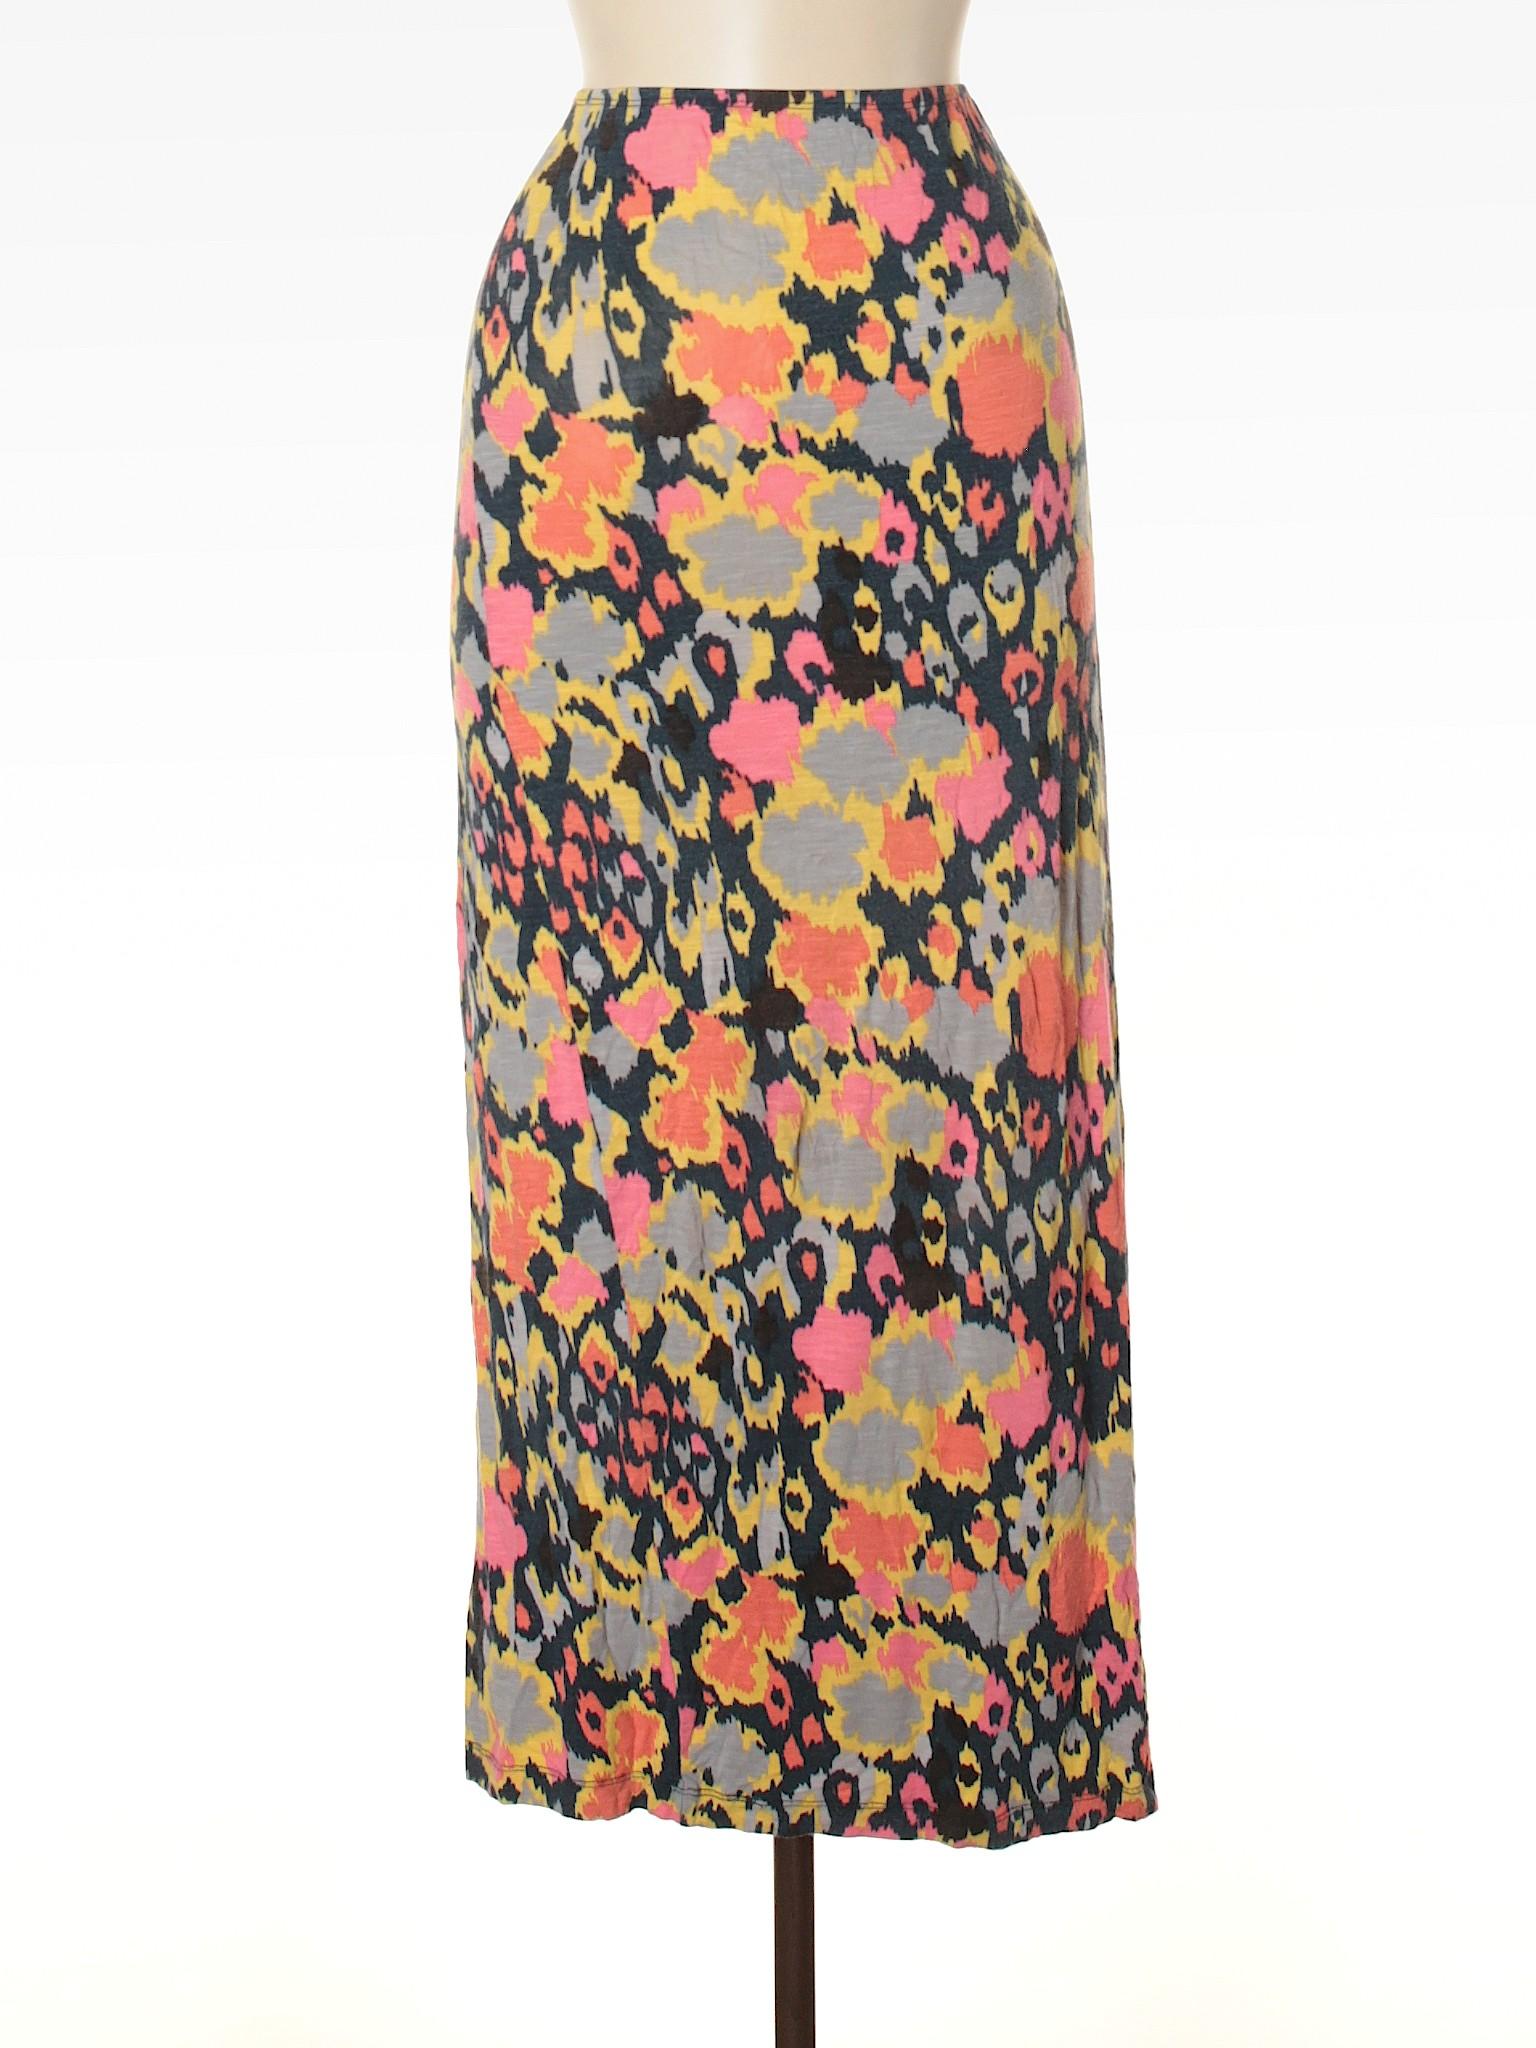 Skirt Boutique Skirt Boutique Skirt Casual Boutique Casual Casual TvpfHwqxf